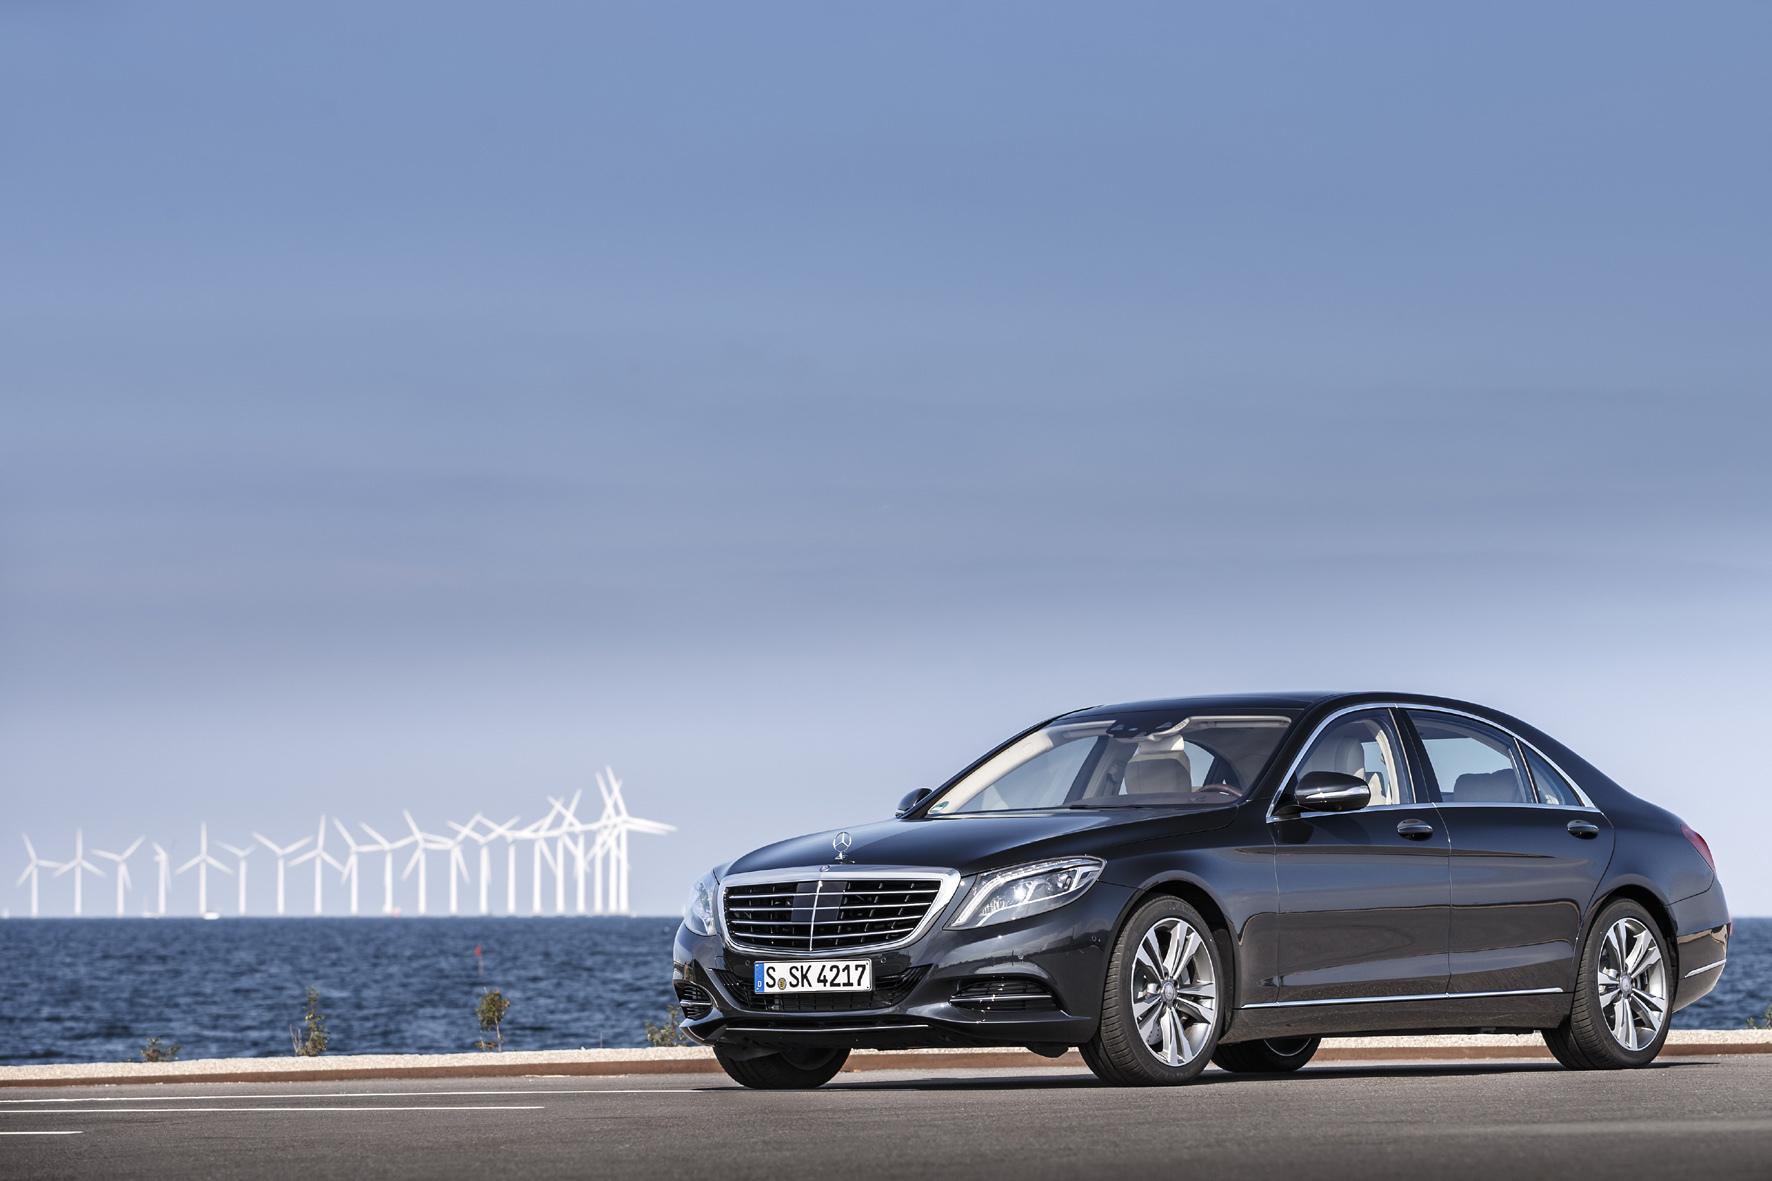 mid Düsseldorf - Mercedes-Benz hat bei der diesjährigen Auto Trophy den Titel als beste Marke eingefahren. Die S-Klasse (Foto) wurde bei der Leserwahl zur besten Luxus-Limousine weltweit gekürt.